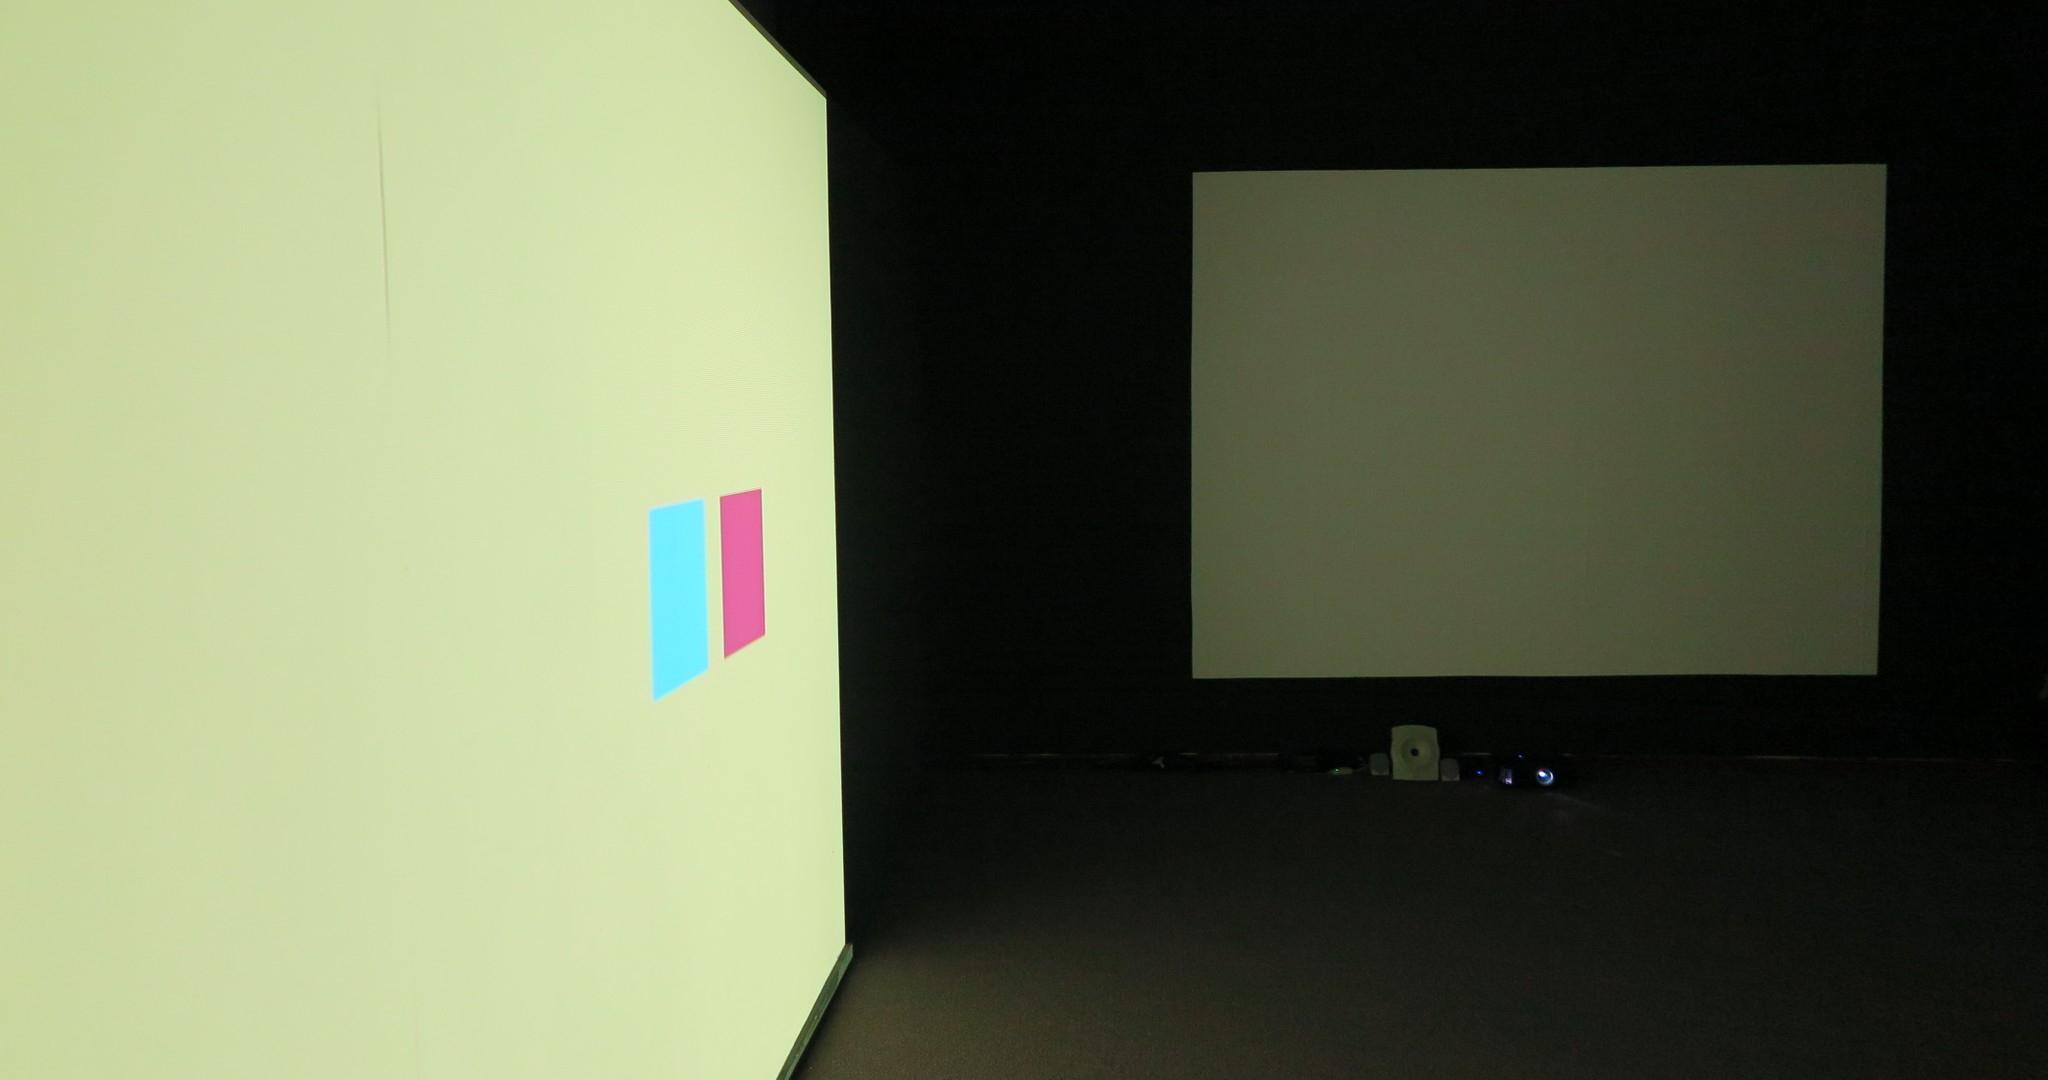 Installatie met dia projectie van Birgit Bemers